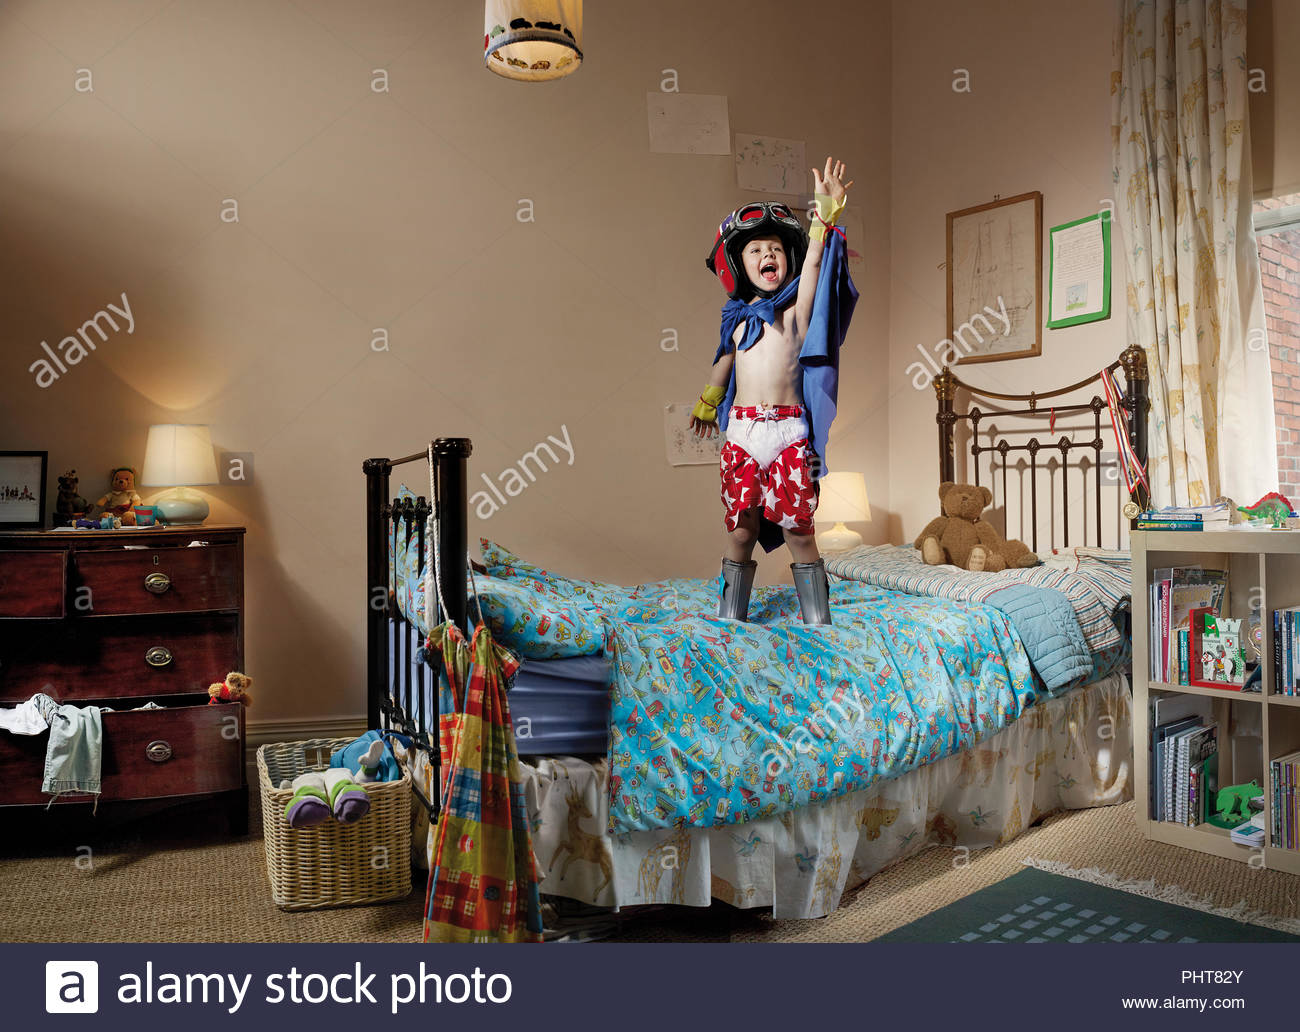 Joven jugando en la cama Imagen De Stock